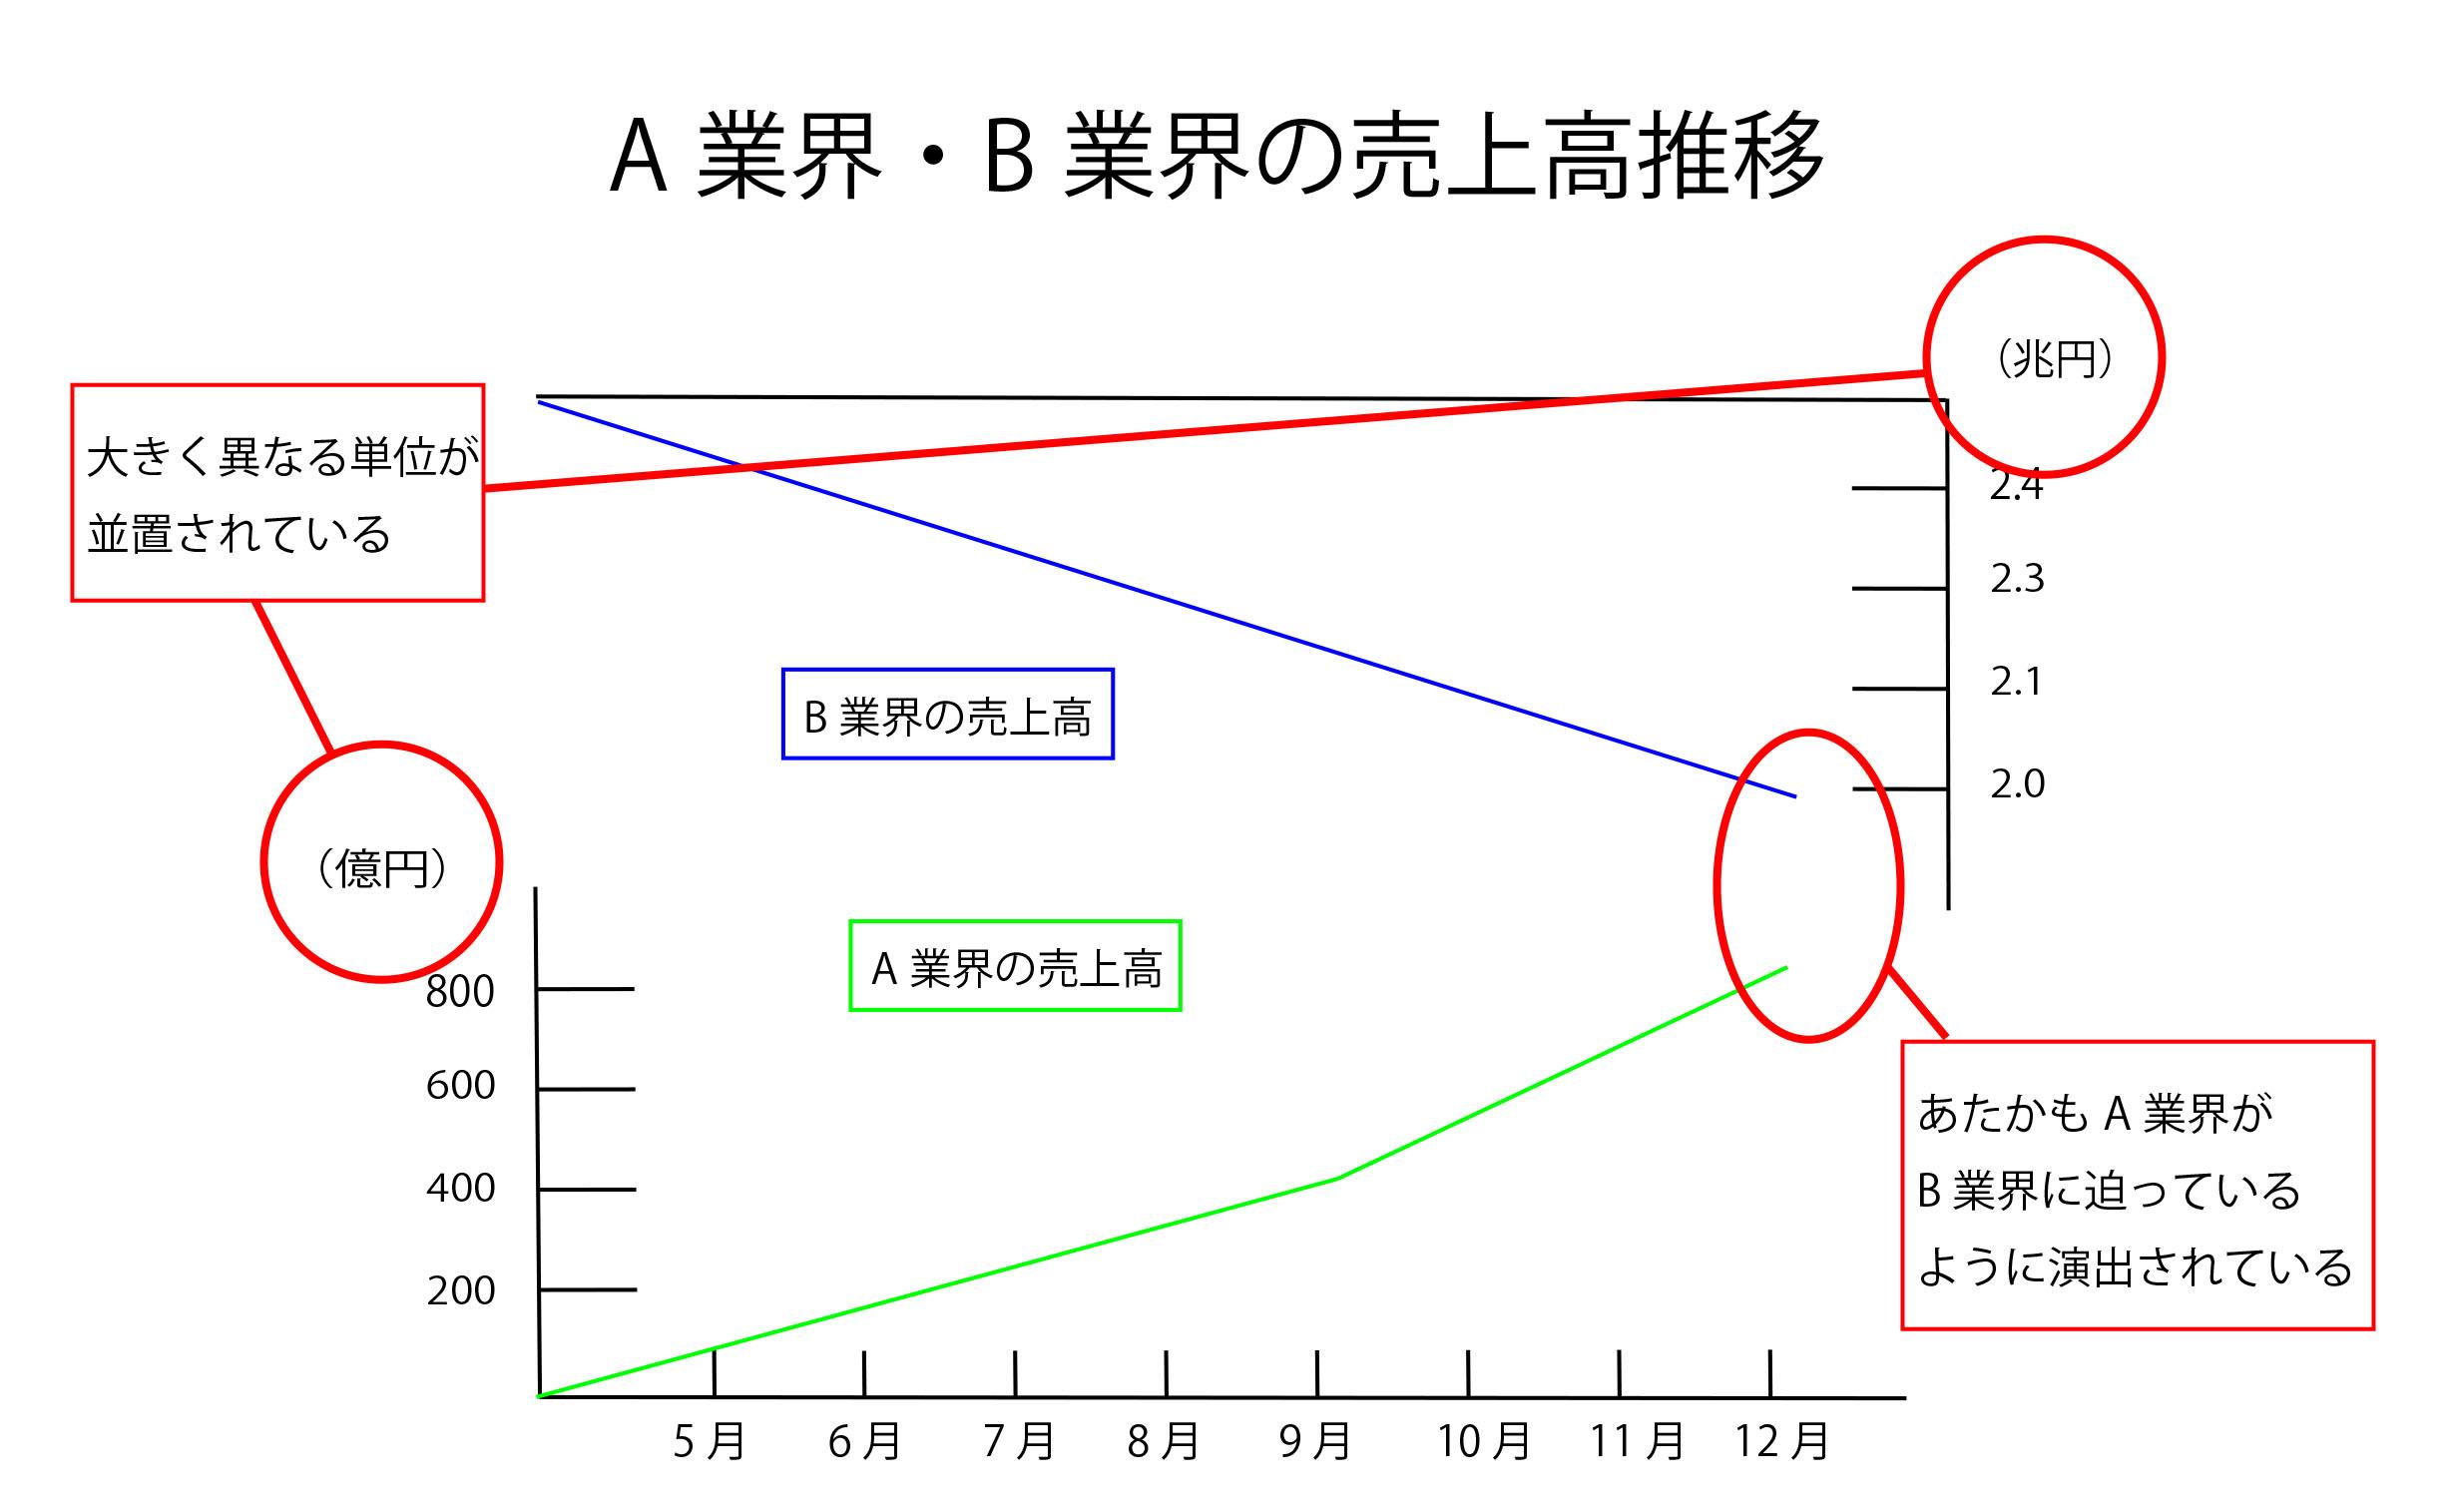 「誤認を誘う二軸グラフ」の例